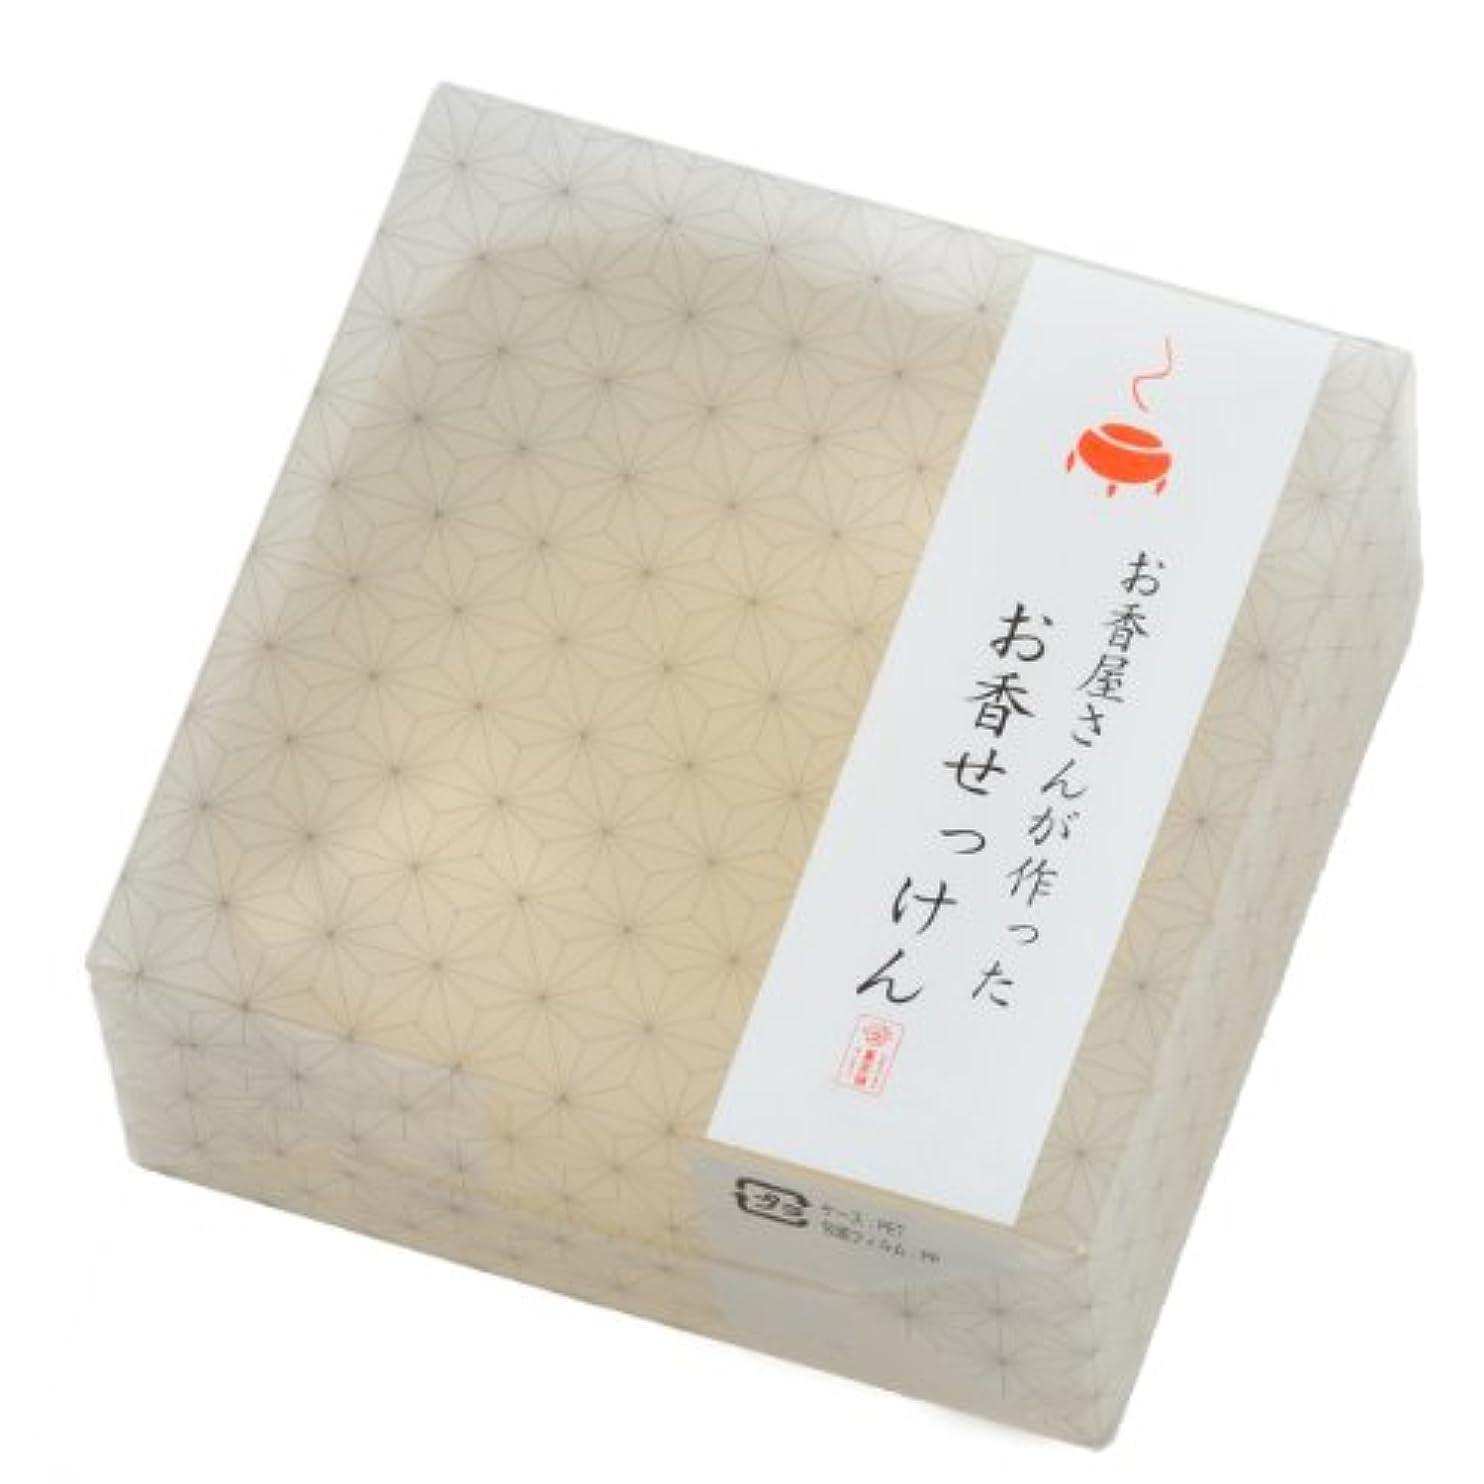 特権的ジーンズ噴出するお香石けん 100g(角形) パチョリ〔かっ香〕配合の超精製石鹸